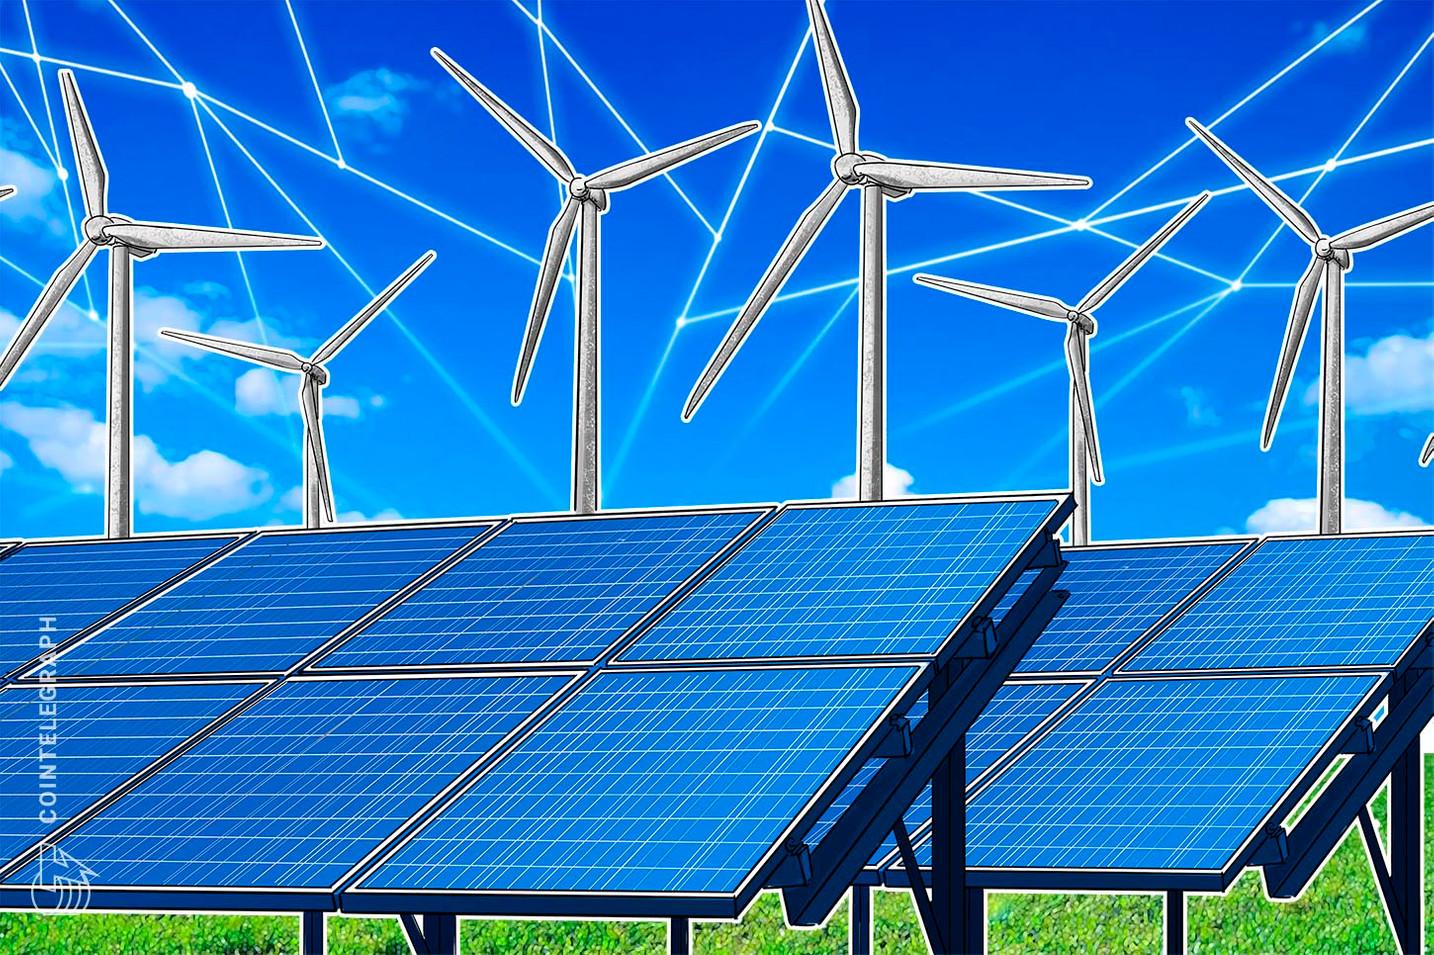 Mineração de criptomoedas será uma ponte para a produção de energia 100% renovável, diz Mike Colyer